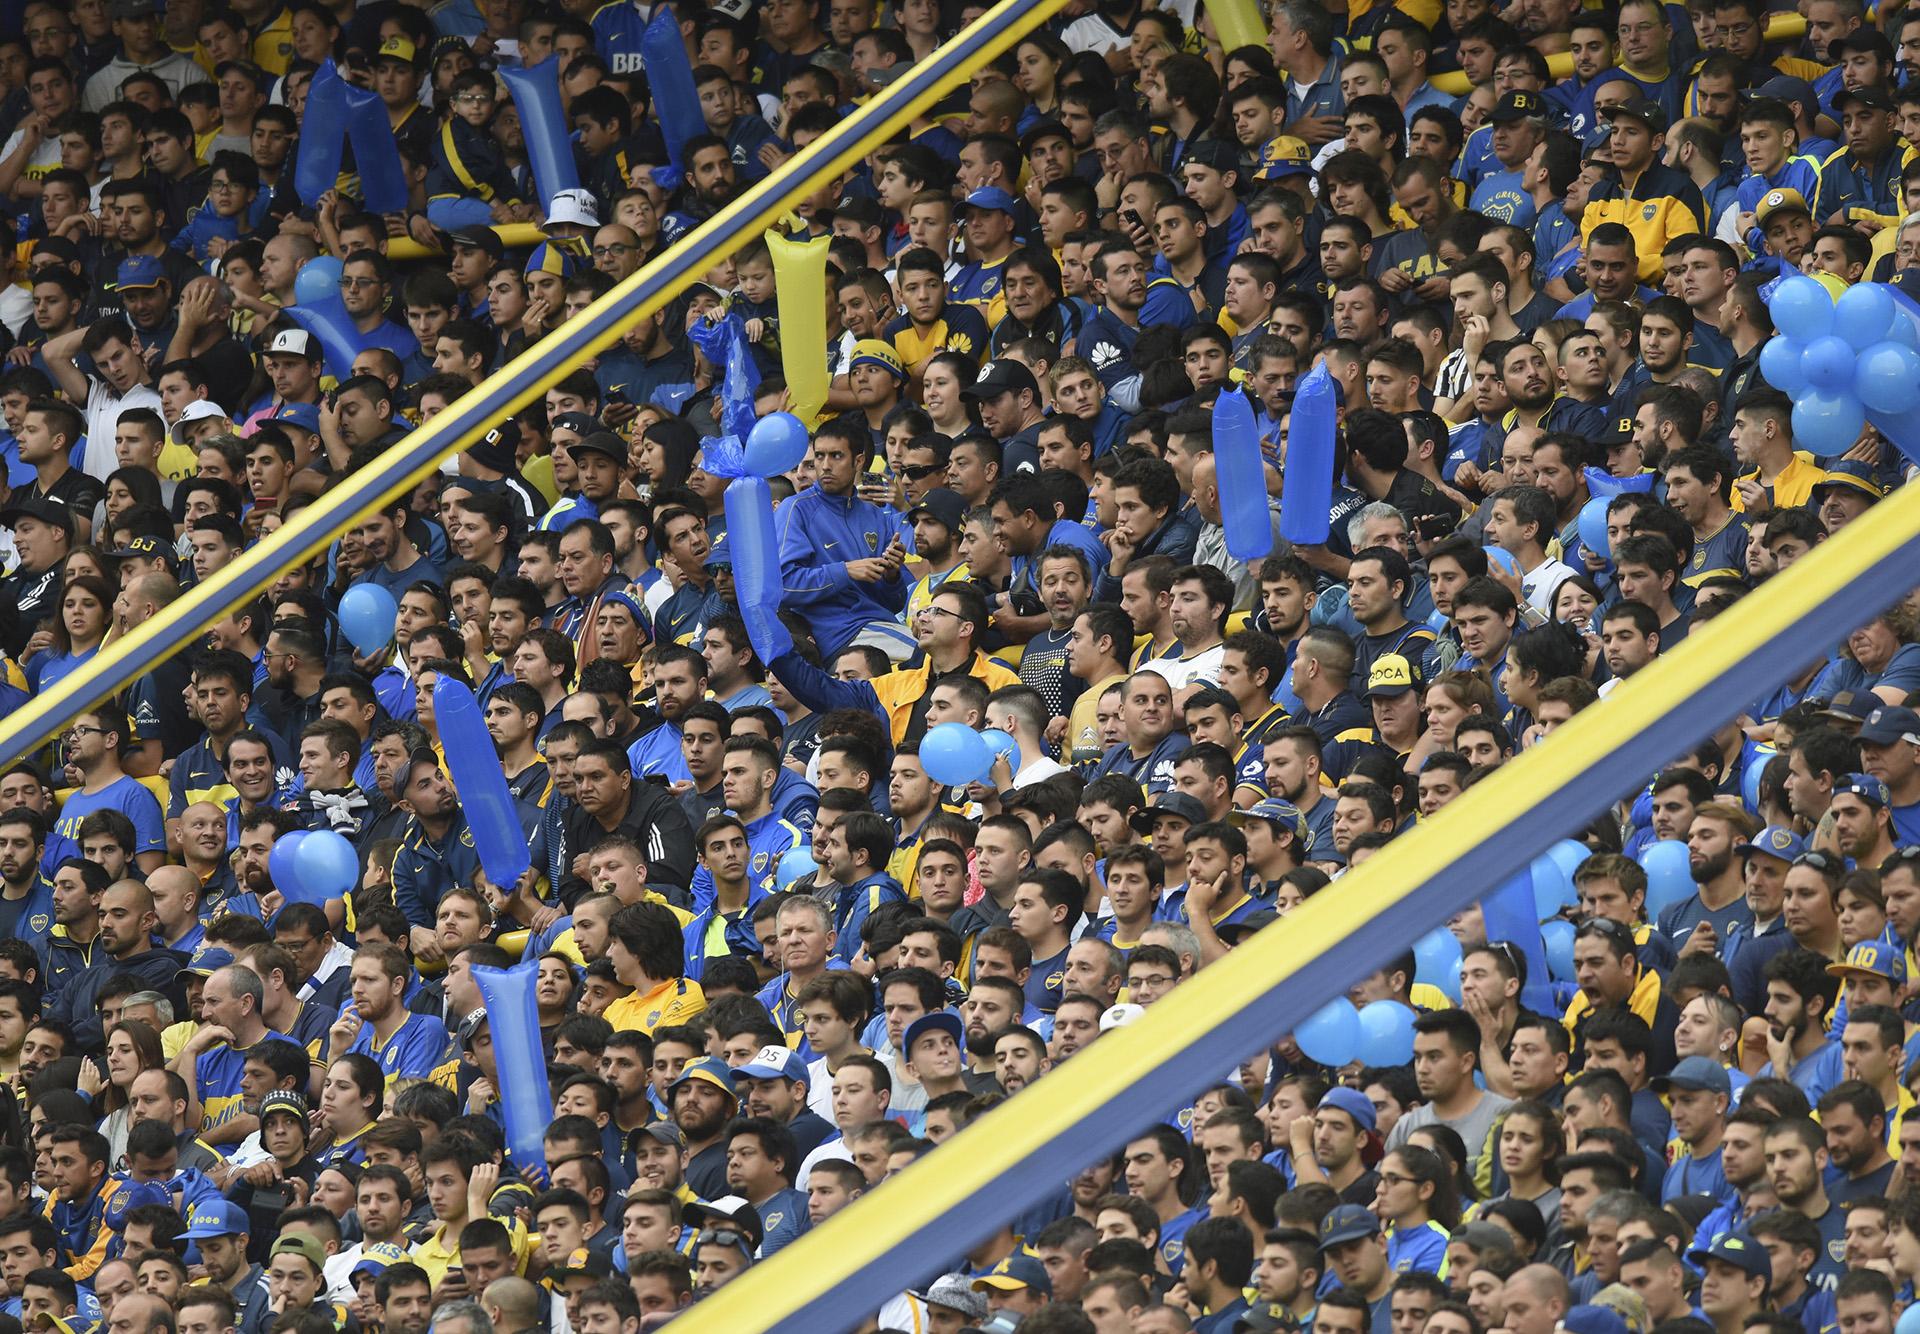 El silencio en la tribuna de Boca Juniors